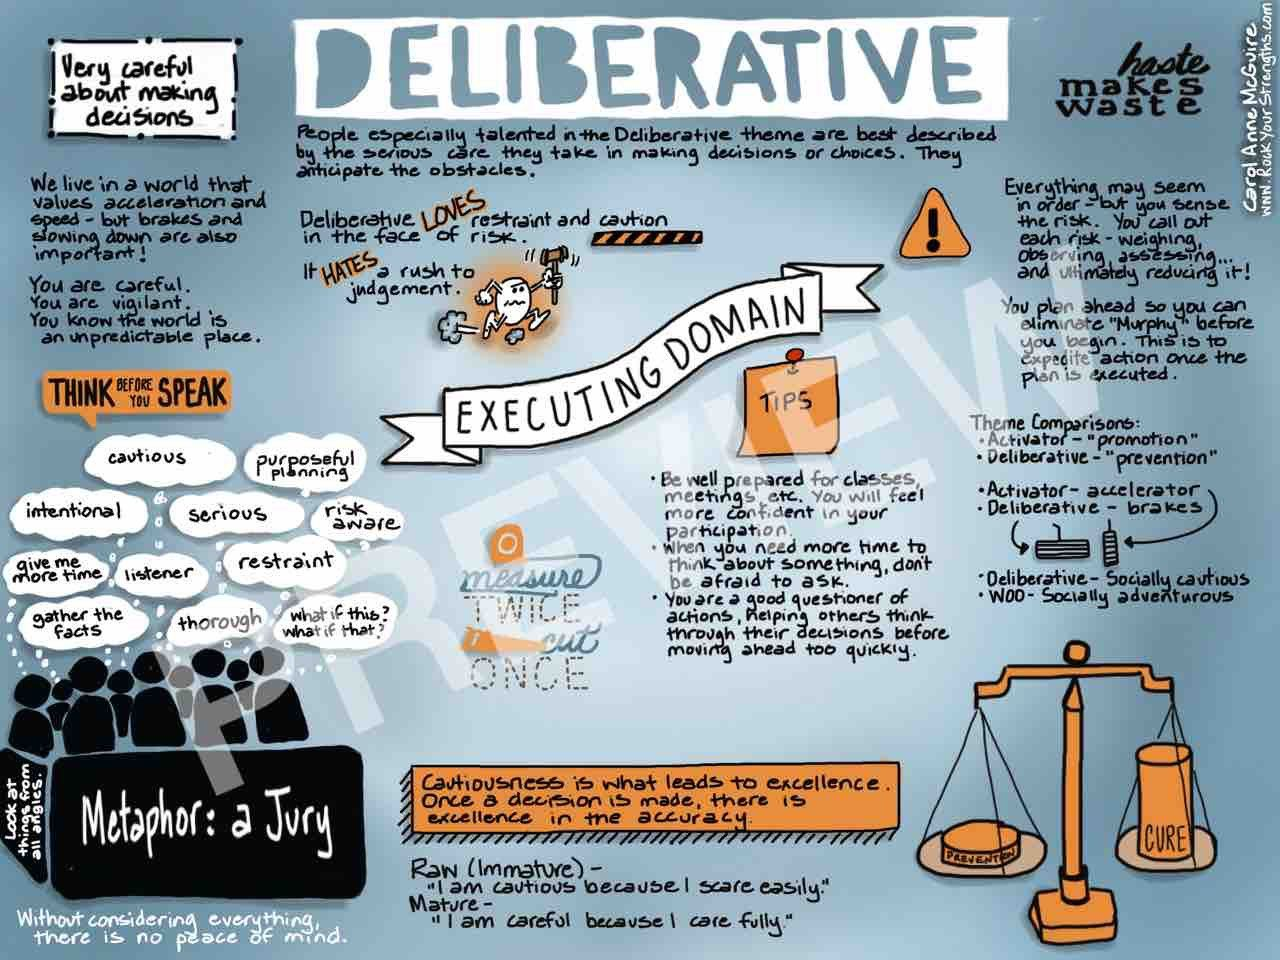 Deliberative 960